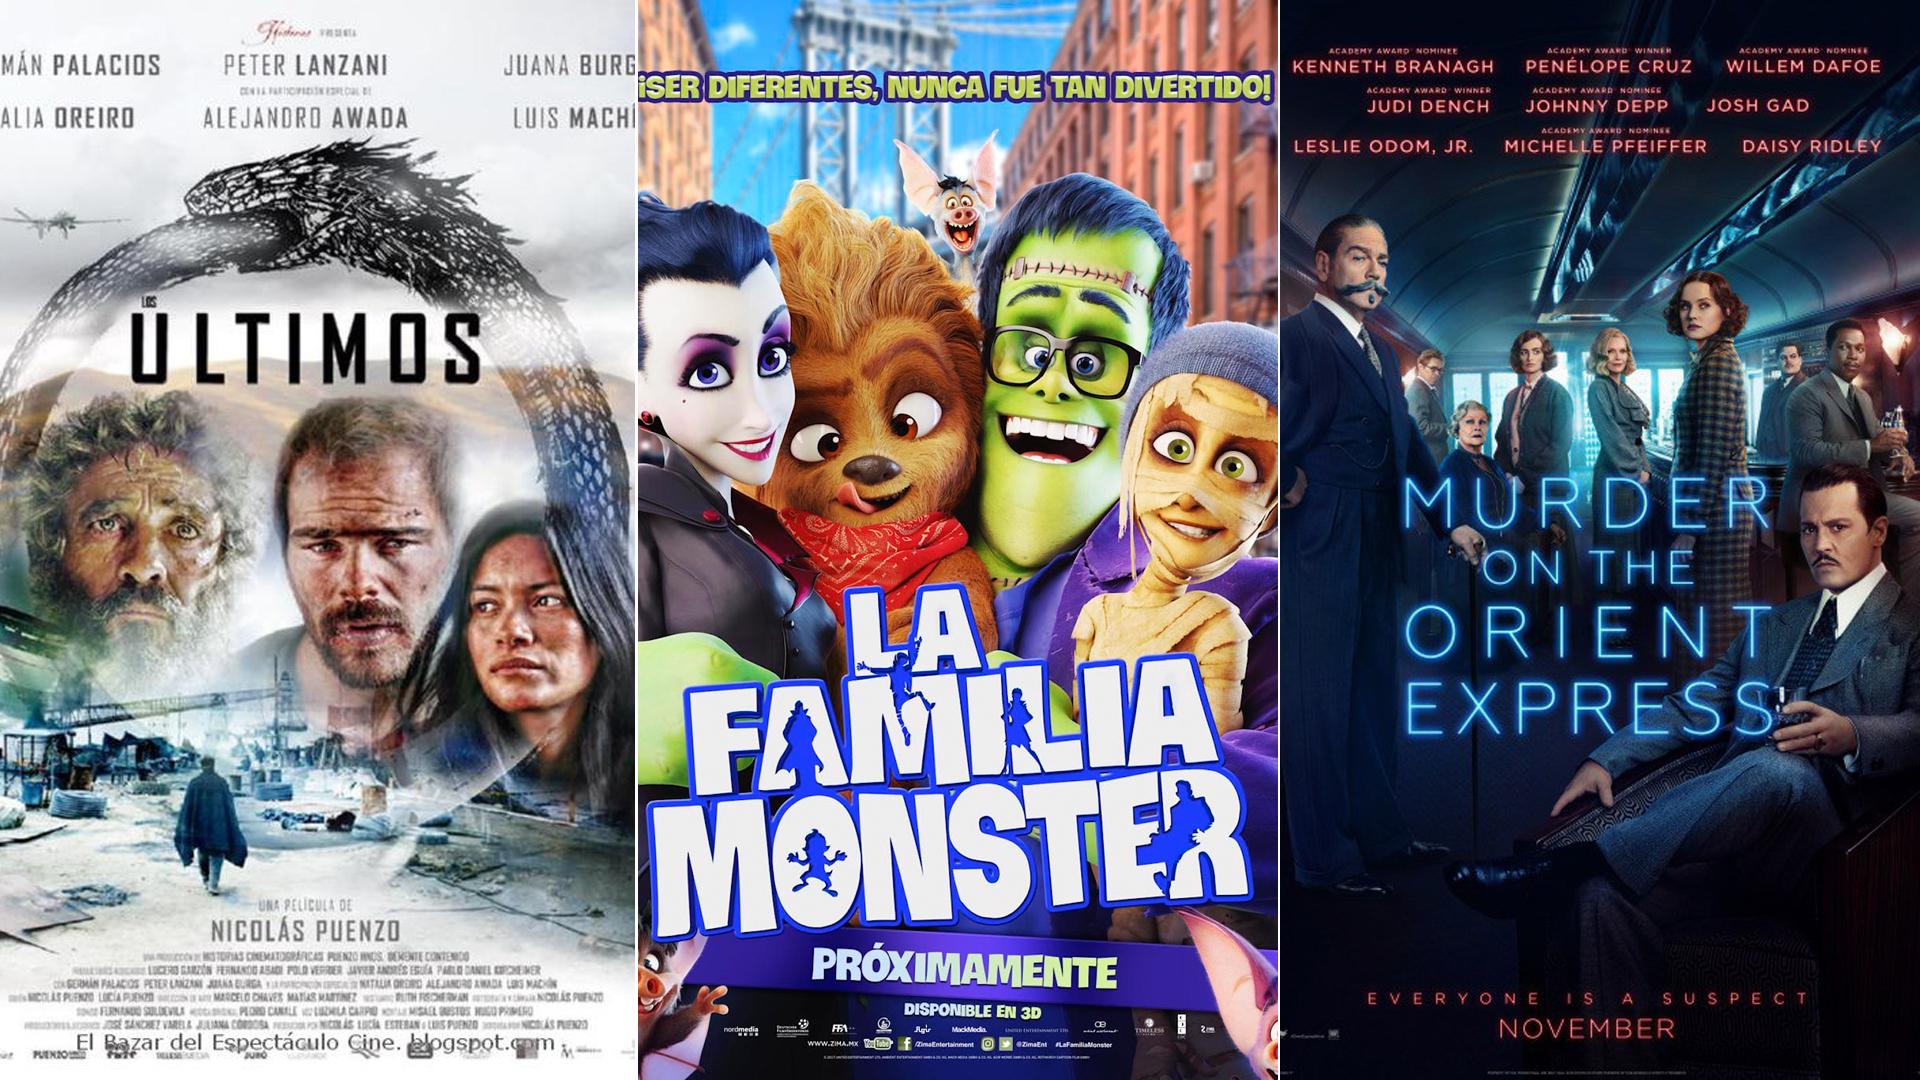 Peliculas De Porno Comedia acción, drama, animación, comedia, thriller y hasta